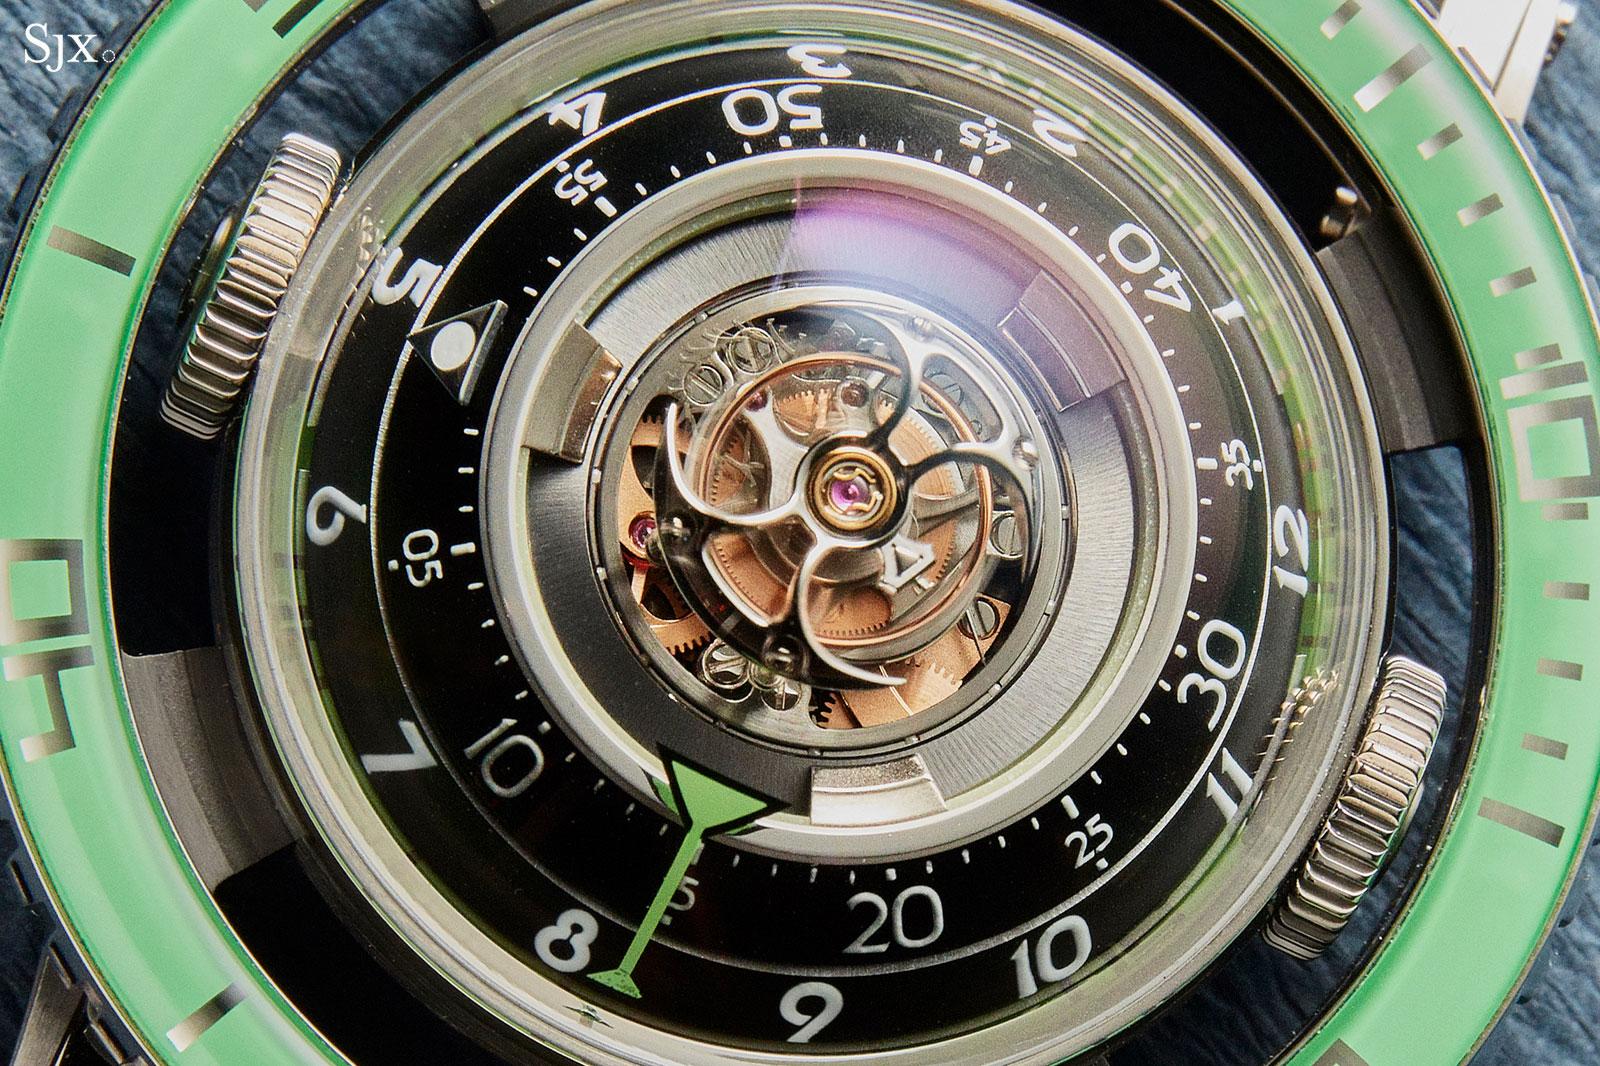 MBF HM7 Aquapod Titanium Green 1